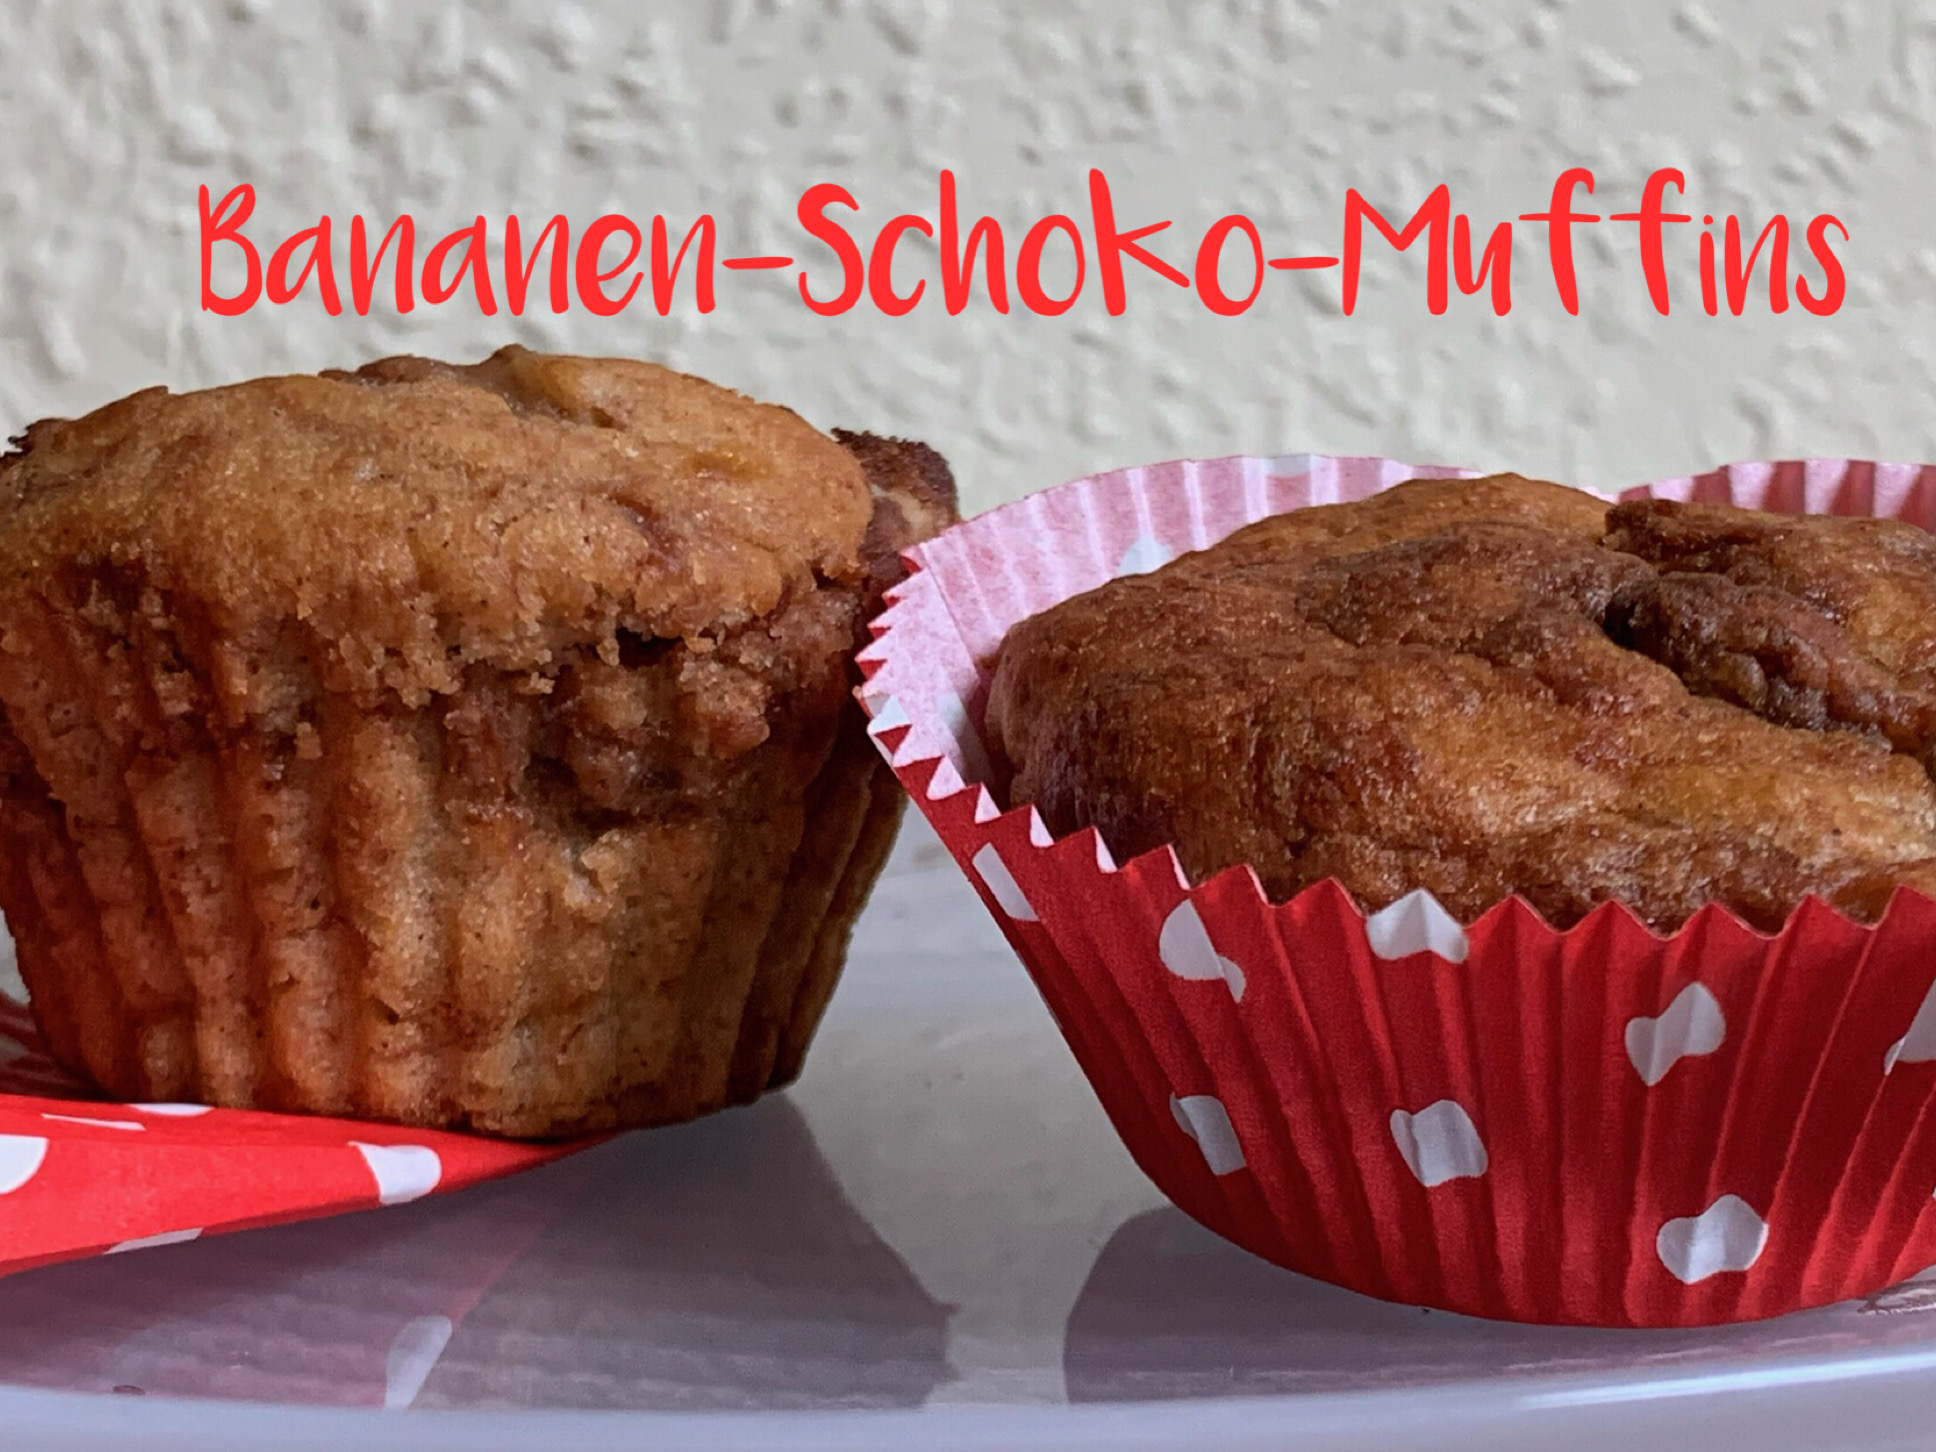 Bananen-Schoko-Muffins – oder – Ein Schokohase auf neuen Wegen